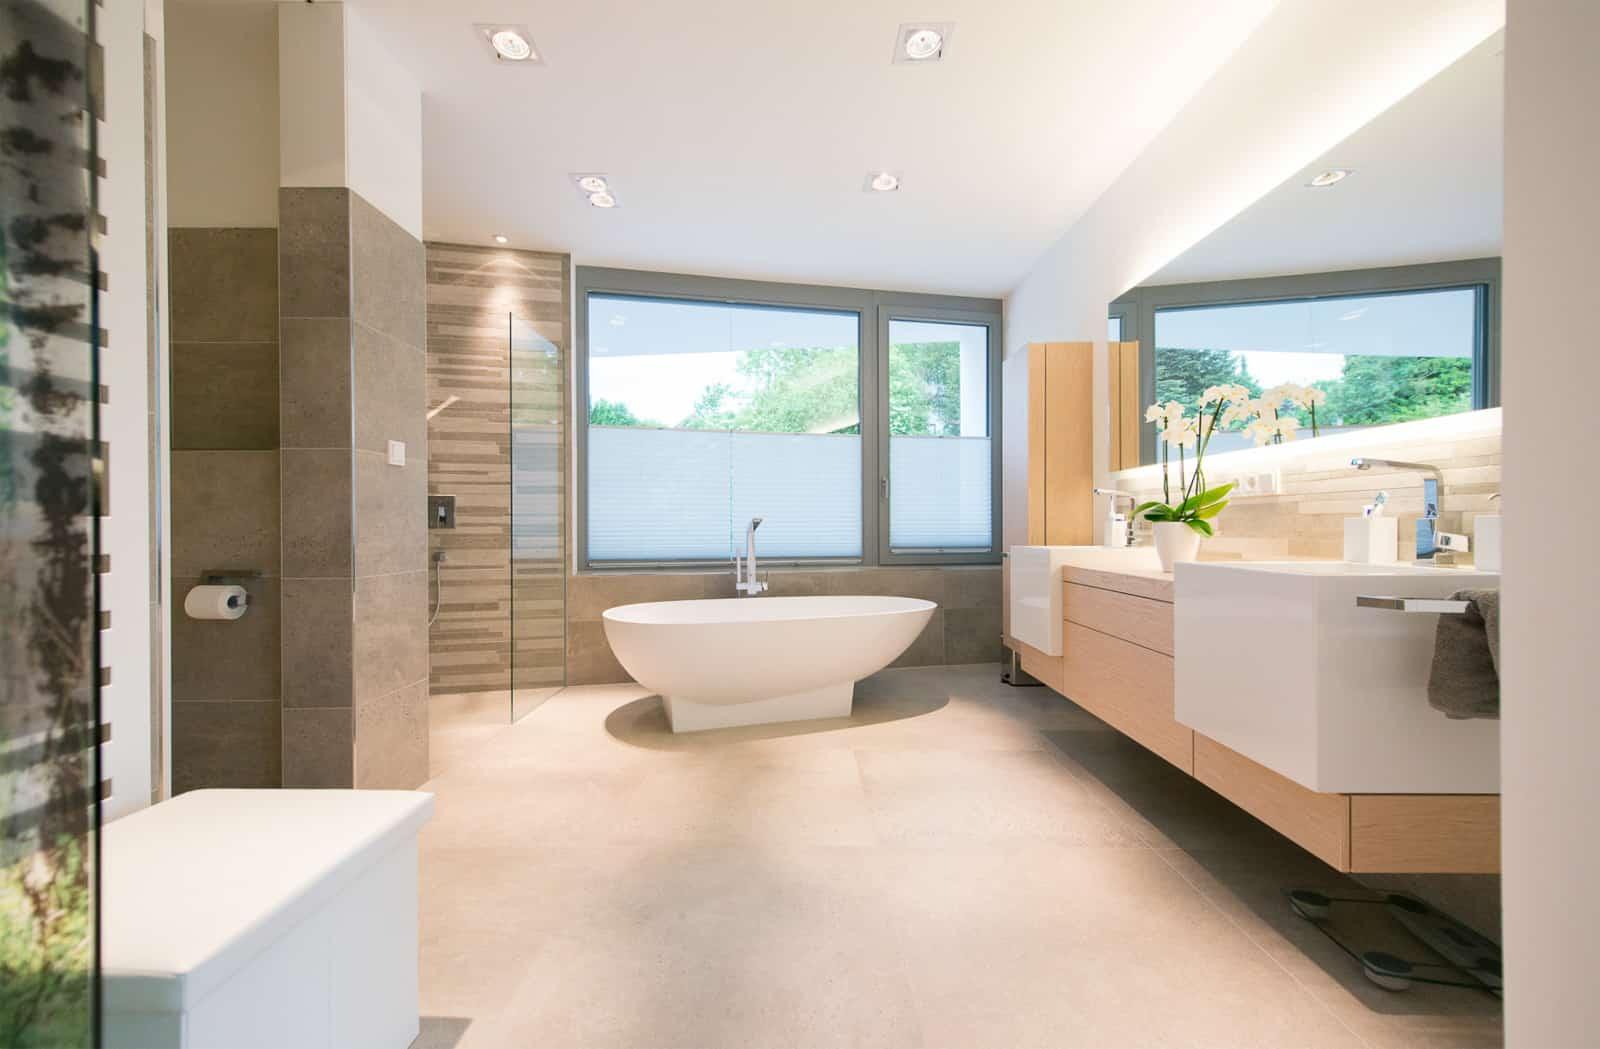 Badezimmer Deisgn modern warm